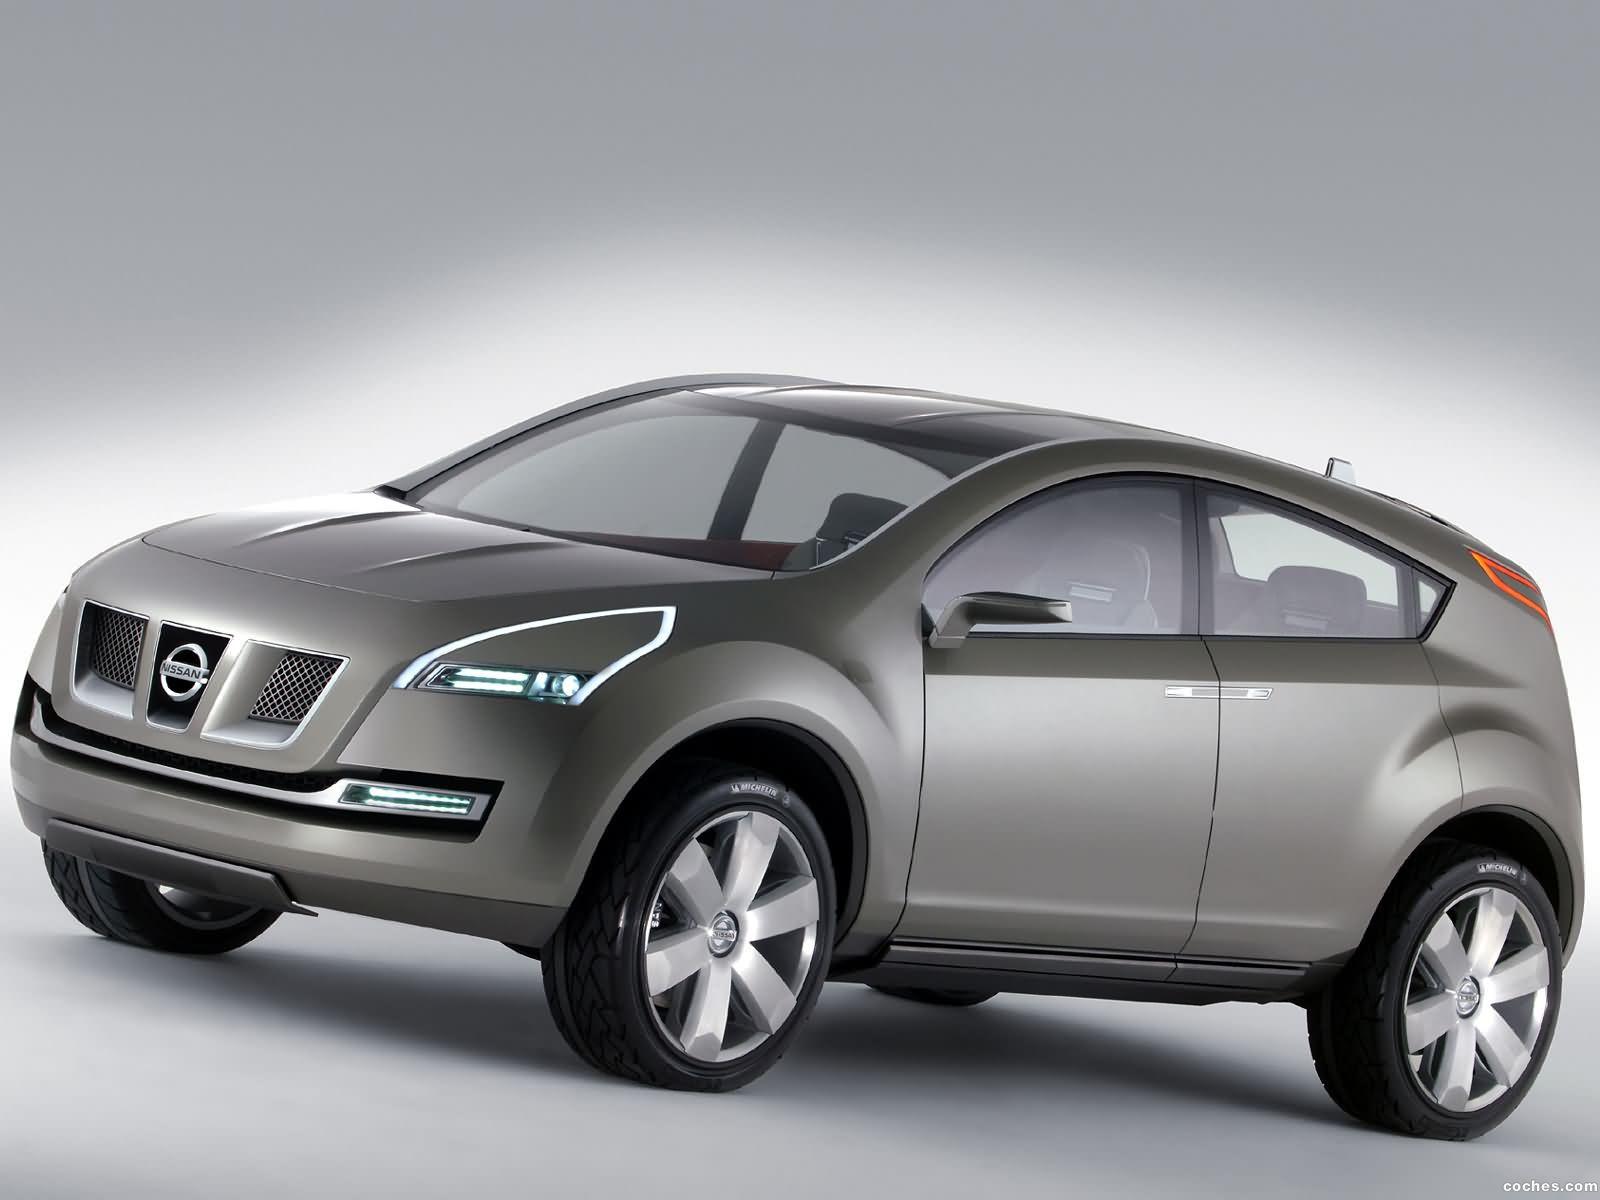 Foto 0 de Nissan Qashqai Concept 2004